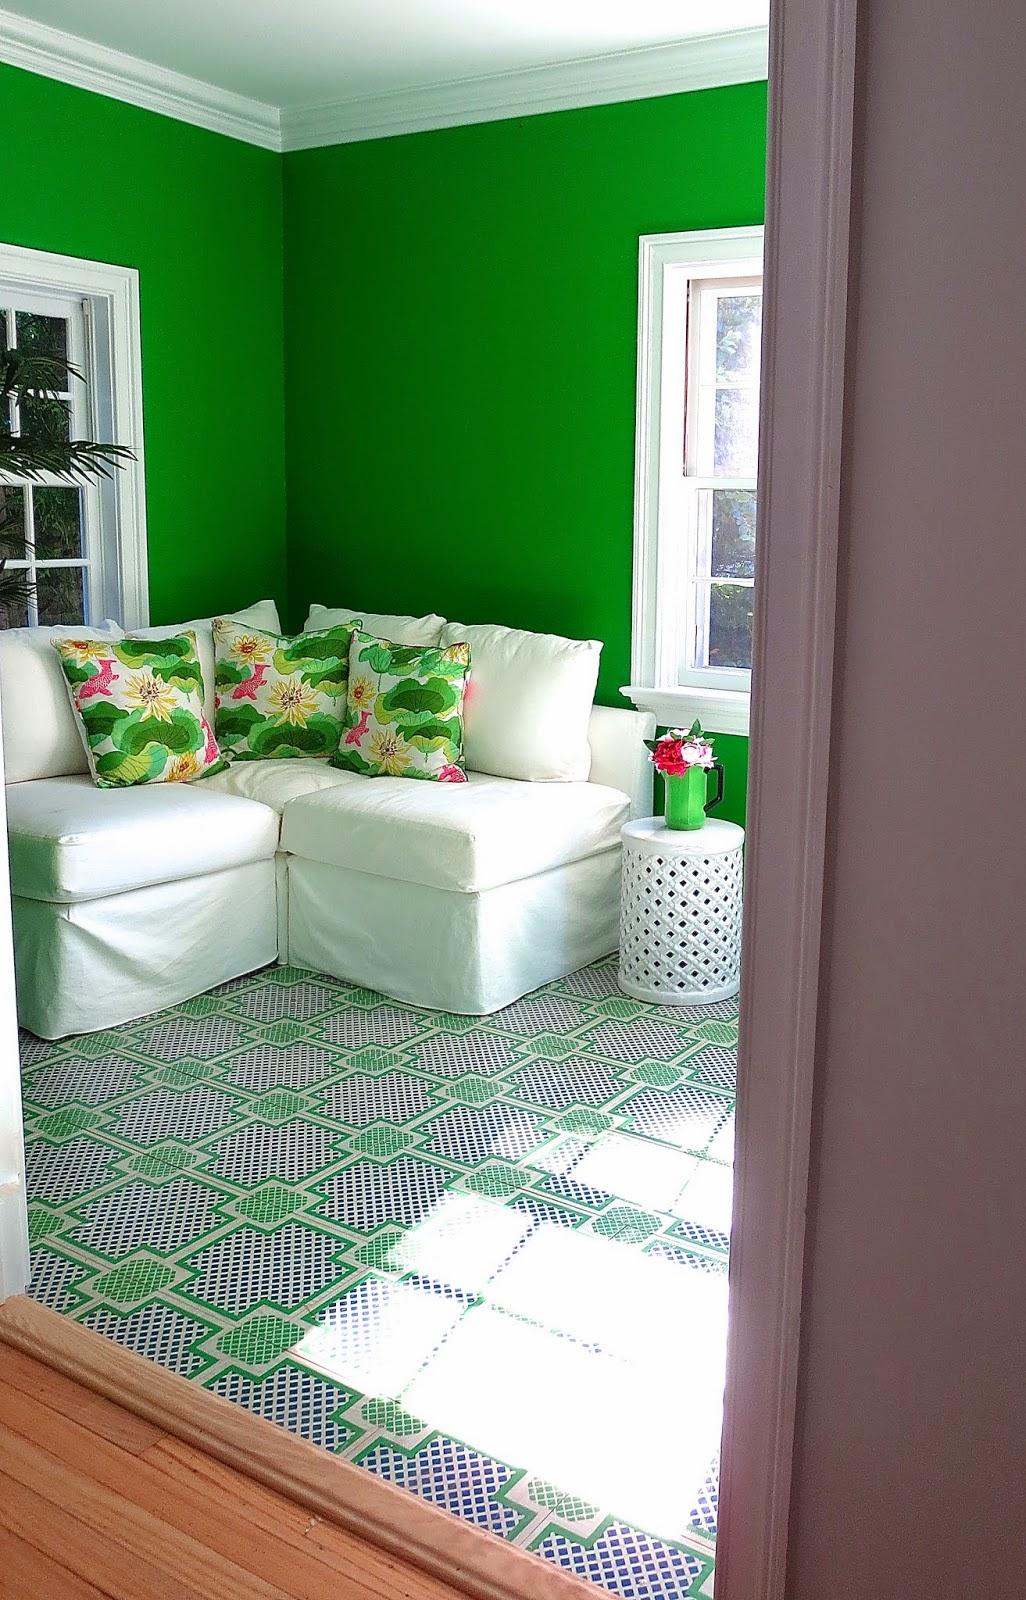 kelly green garden room painted wood tile floors - Green Tiles For Living Room Floor